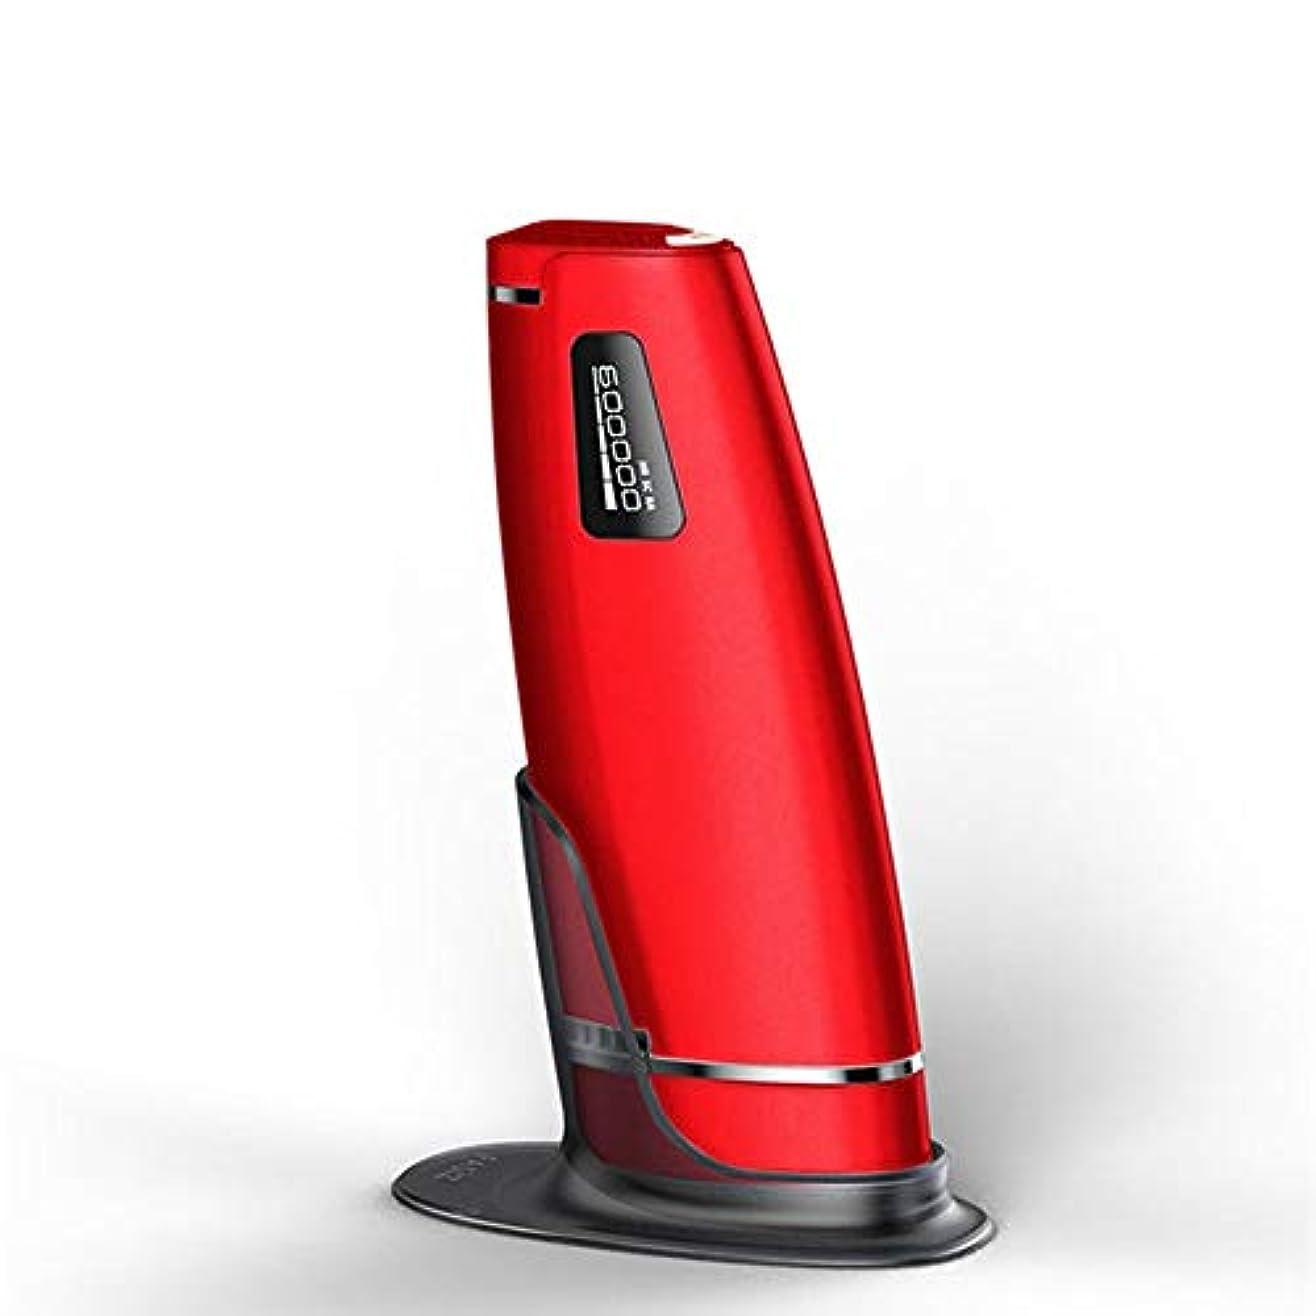 つかいますアラート竜巻Iku夫 赤、デュアルモード、ホームオートマチック無痛脱毛剤、携帯用永久脱毛剤、5スピード調整、サイズ20.5 X 4.5 X 7 Cm (Color : Red)